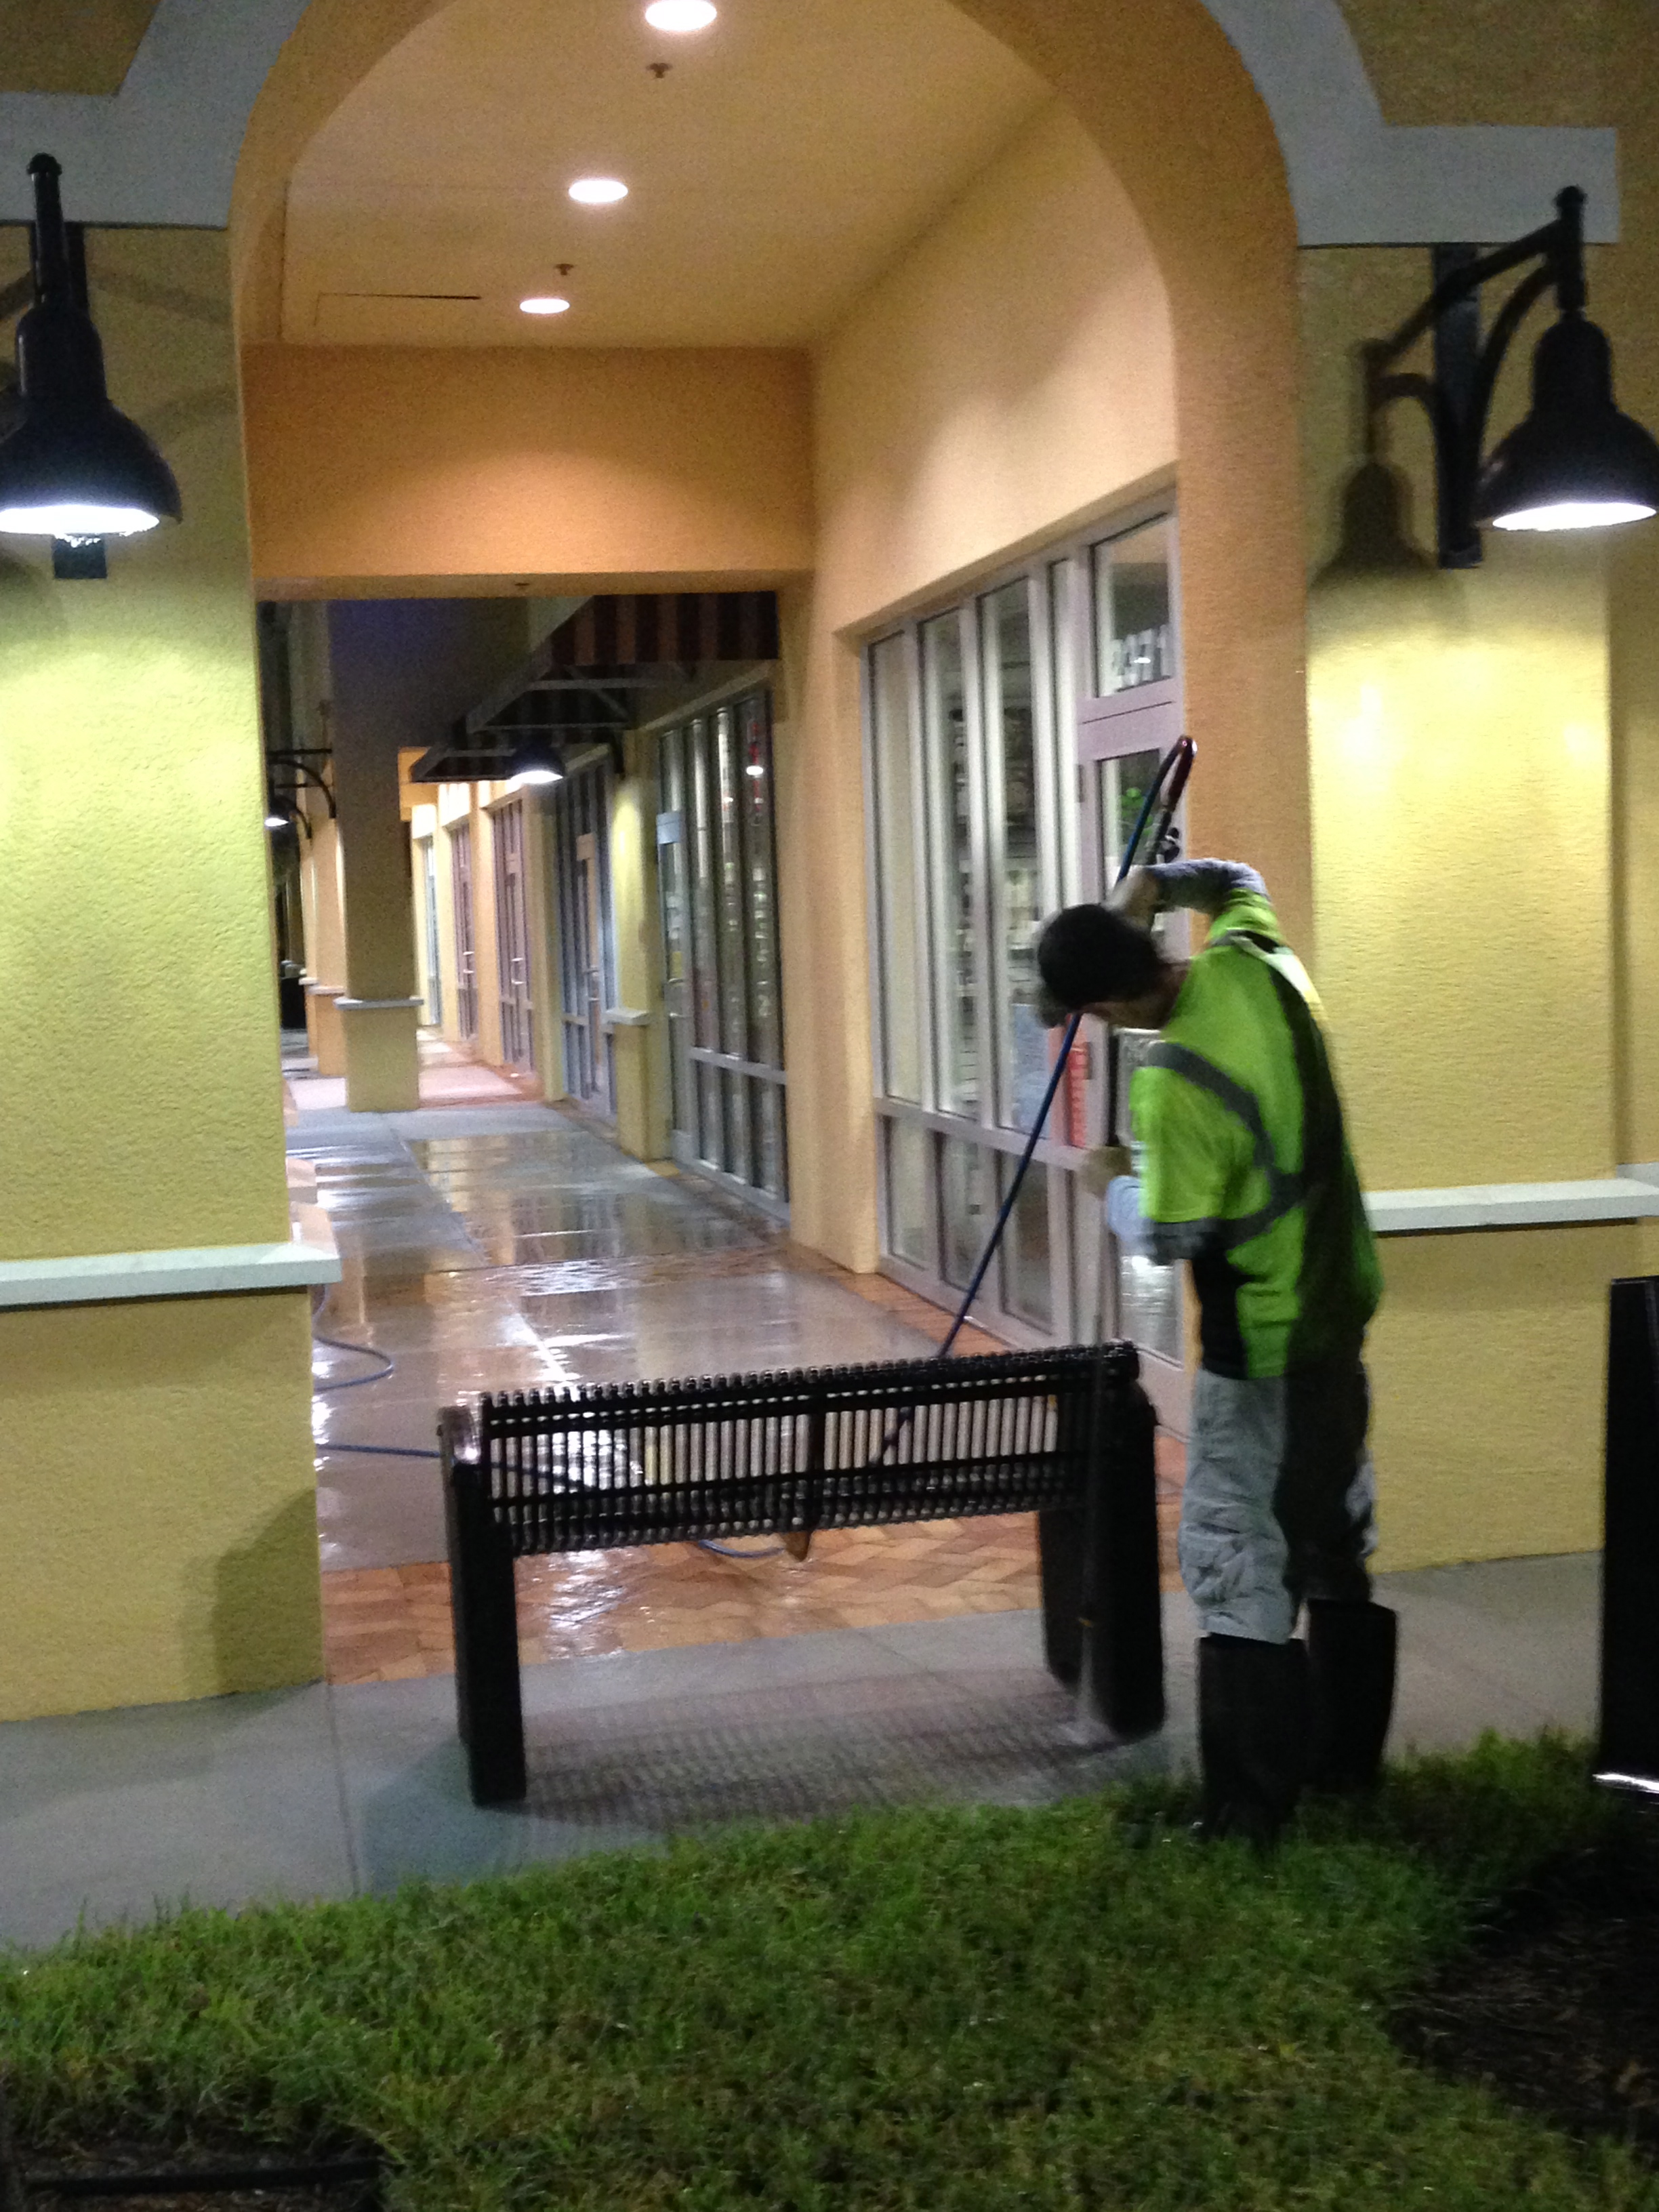 sidewalk pressure washing Tampa